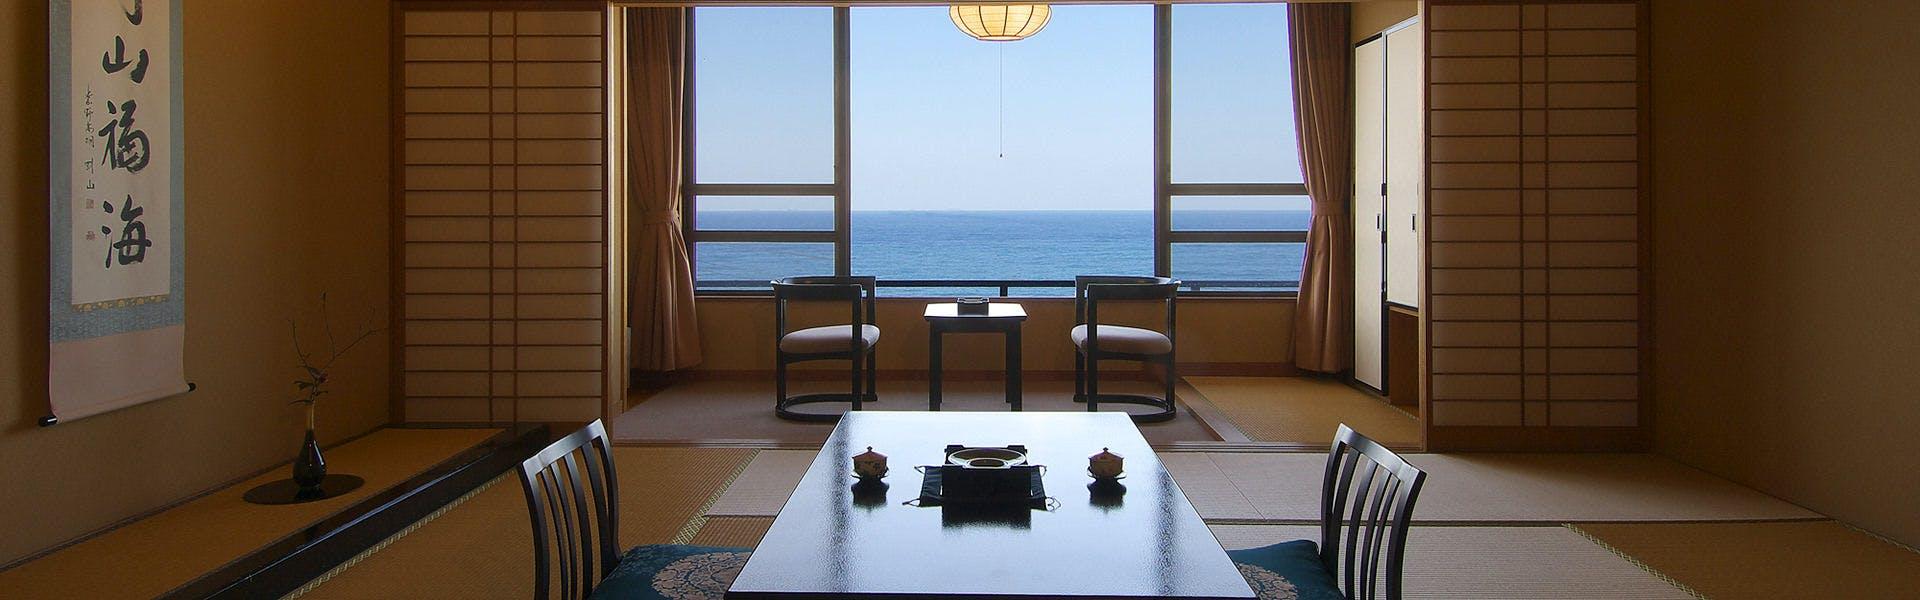 記念日におすすめのホテル・ねぶた温泉 海游能登の庄の写真1